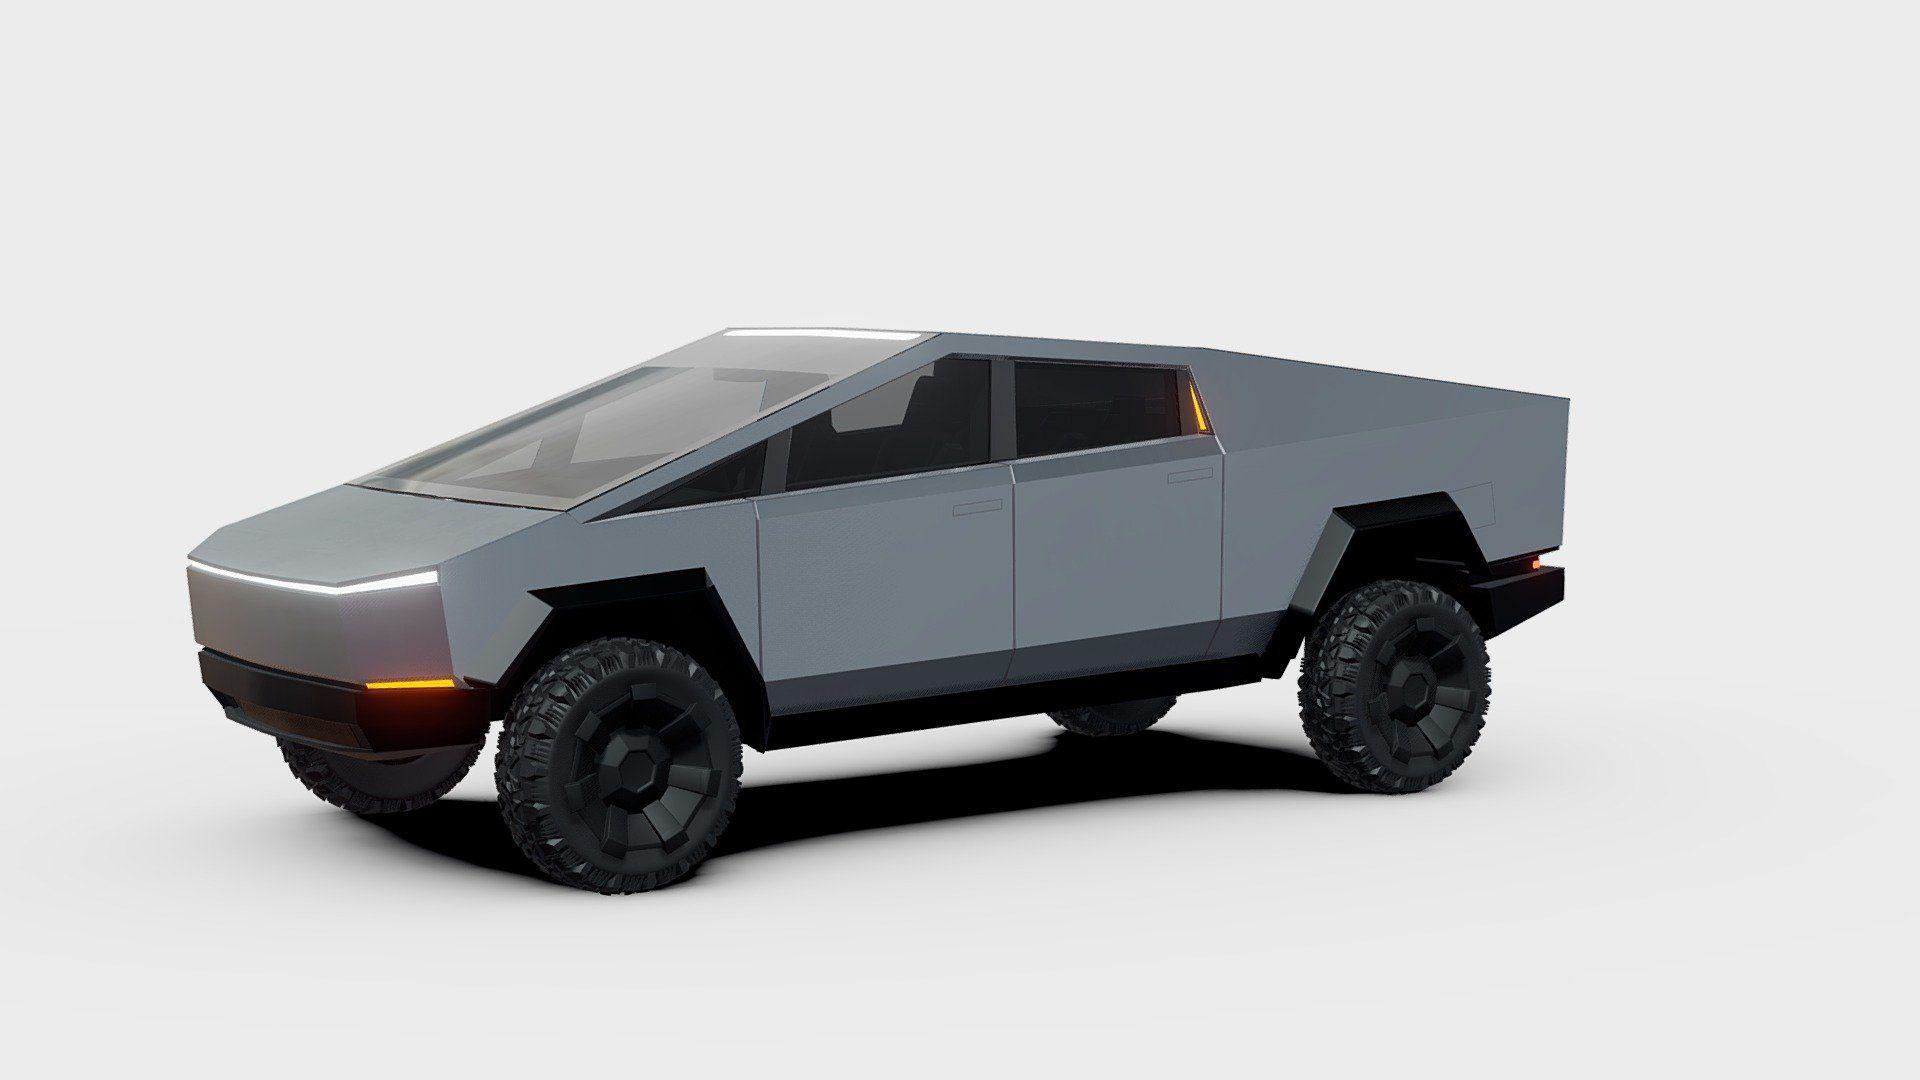 Tesla Cybertruck Duplicated Version 3d Model By Sketchfab Sketchfab 010e01d Sketchfab Tesla 3d Model Model